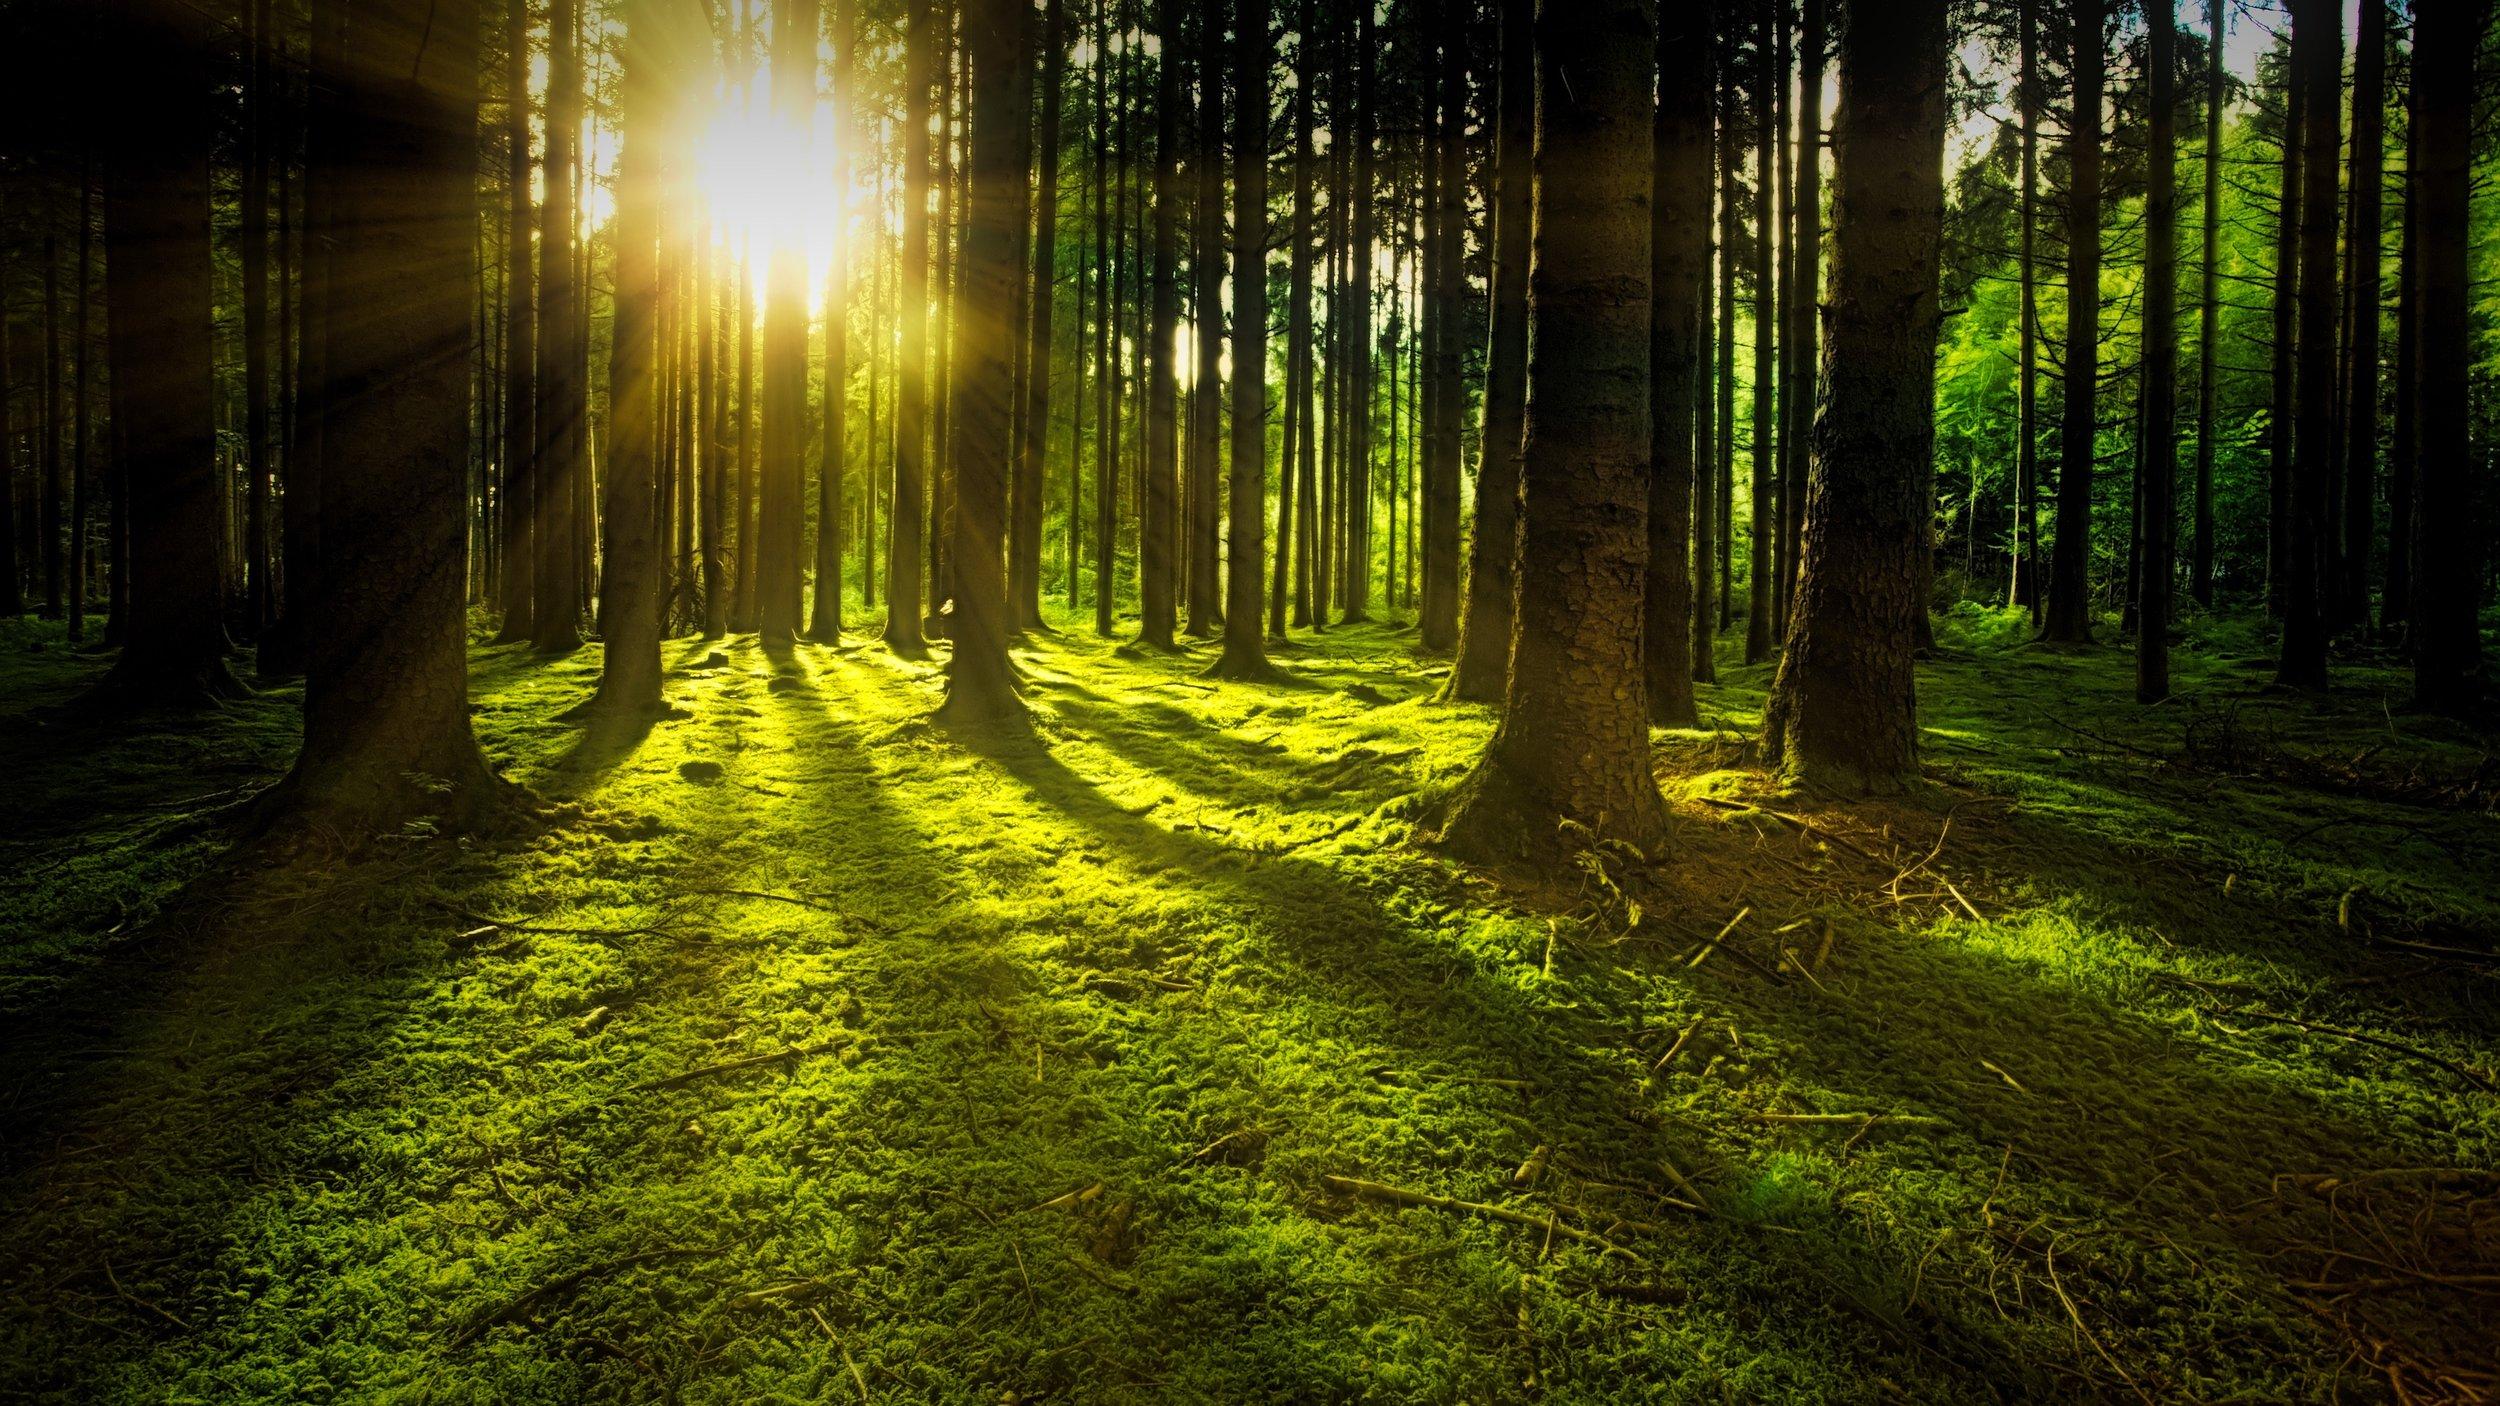 forest-grass-green-1125776.jpg